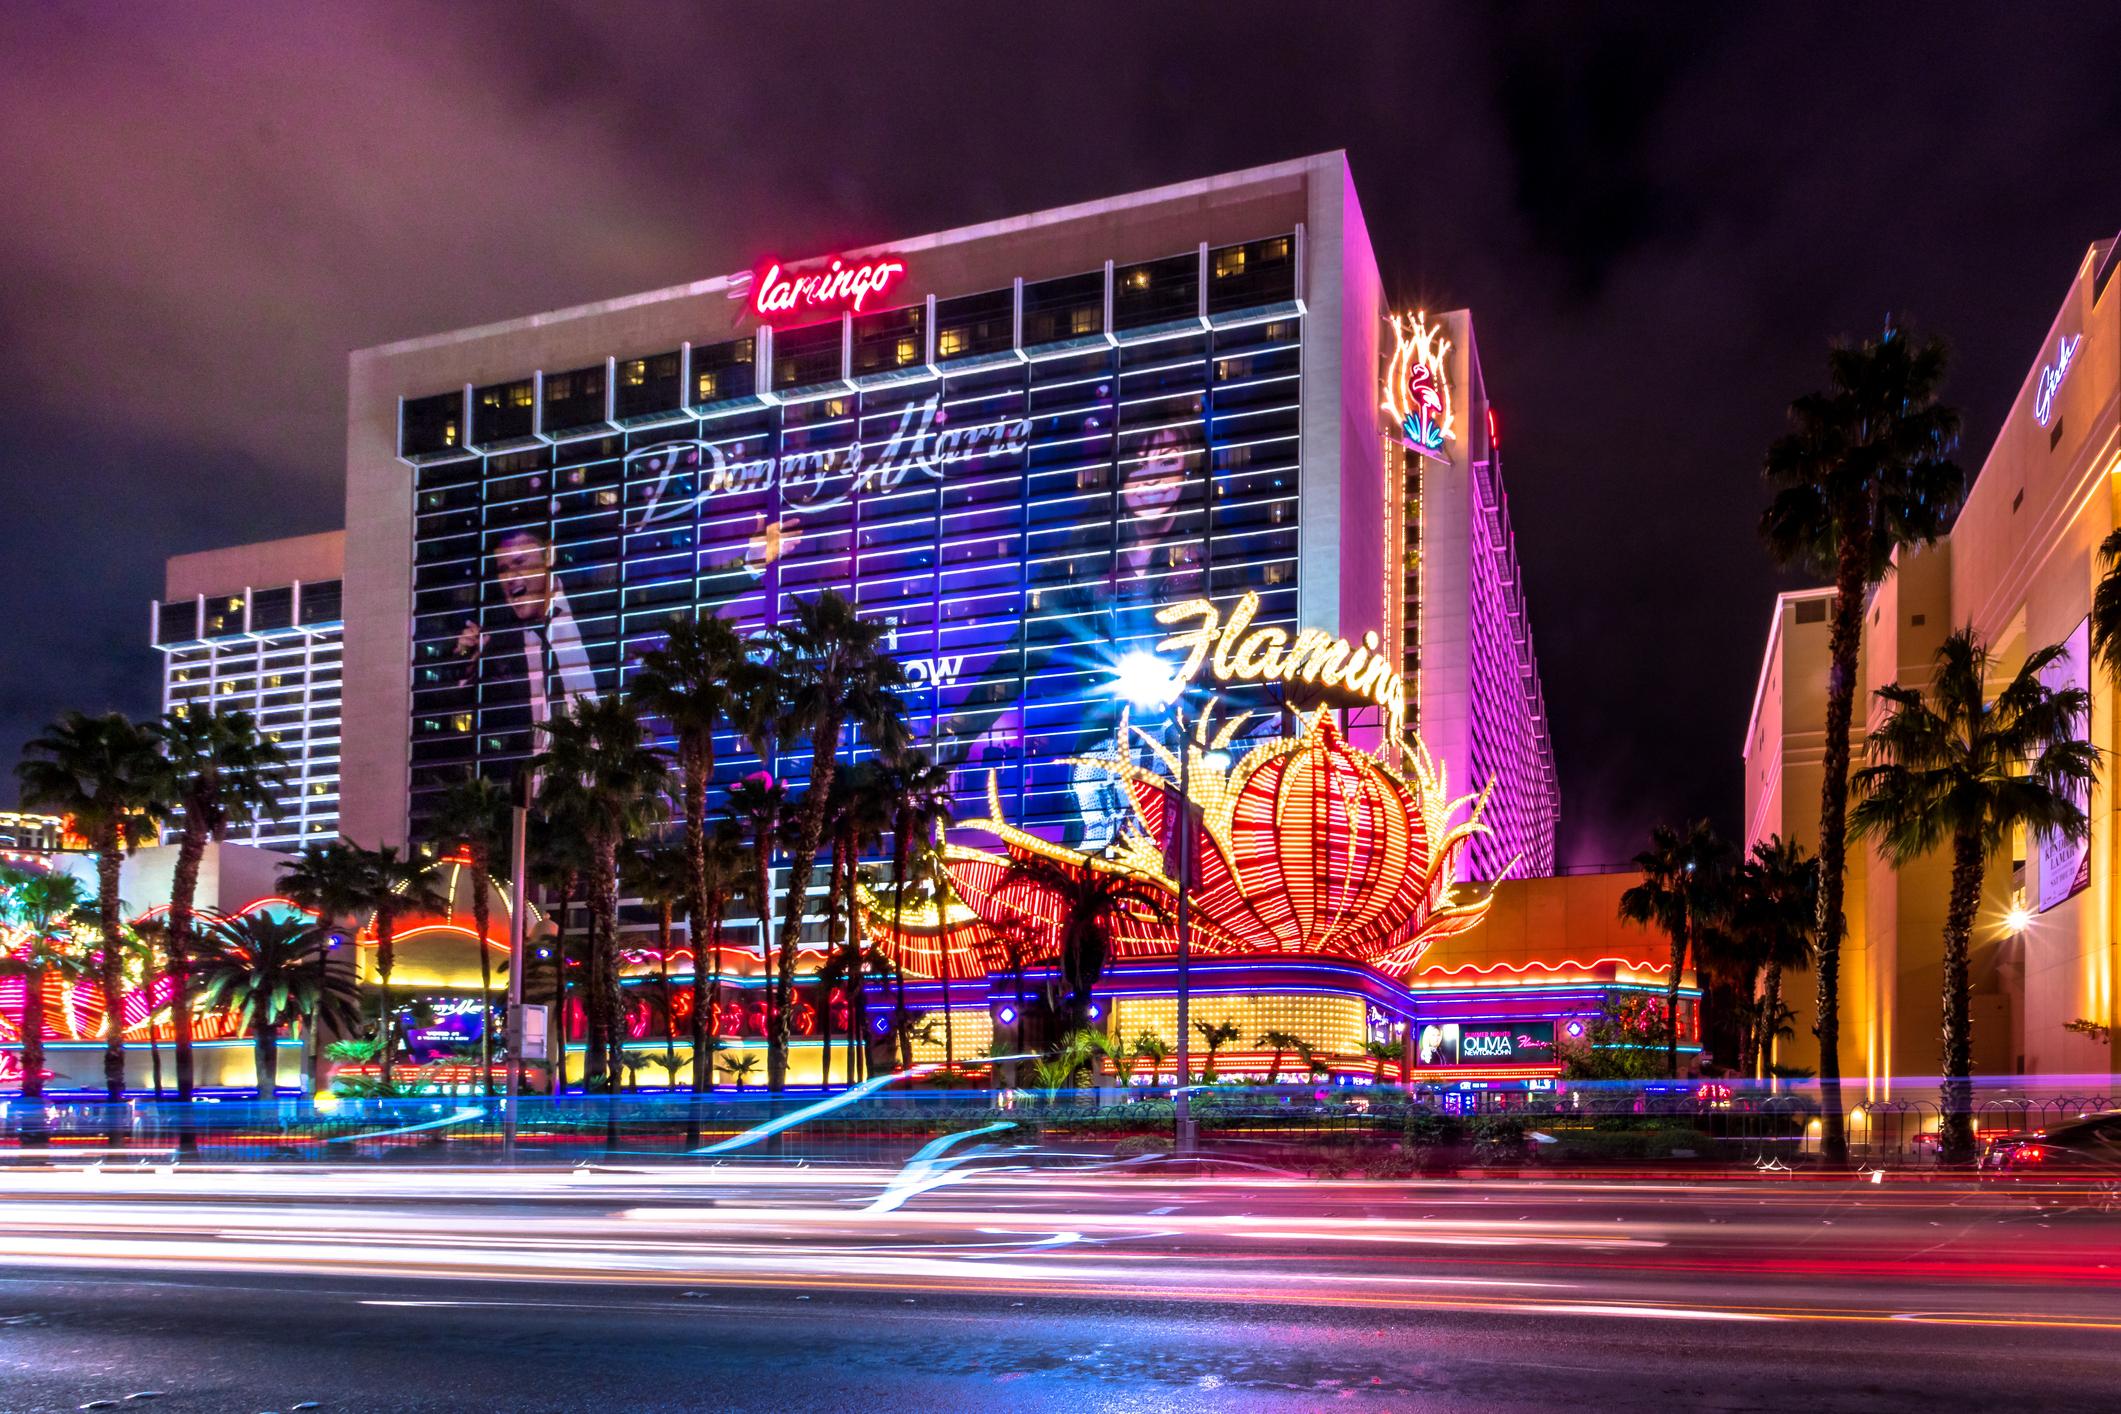 Las Vegas, Nevada, USA: Las Vegas Strip and Flamingo Hotel Casino at night